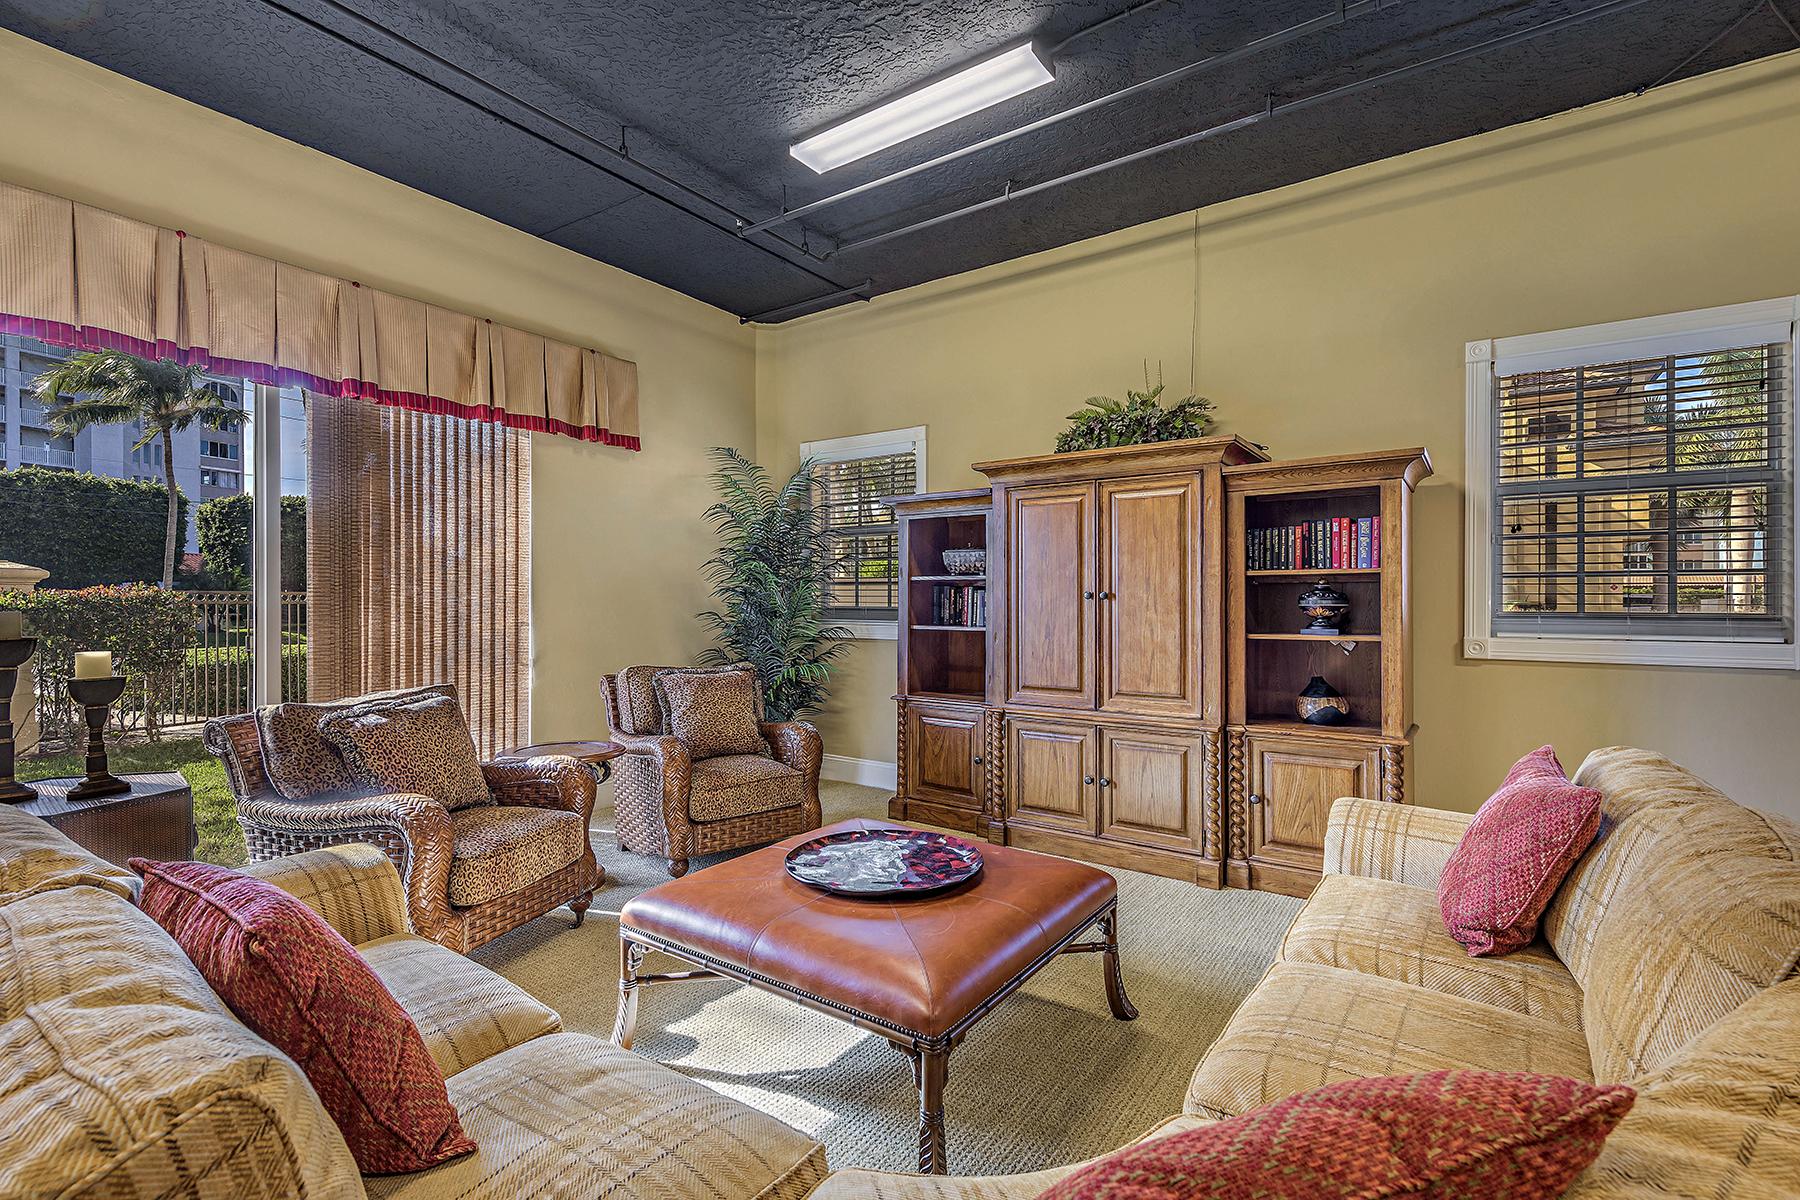 联栋屋 为 销售 在 Bonita Springs 25961 Hickory Blvd 3 博尼塔温泉, 佛罗里达州 34134 美国